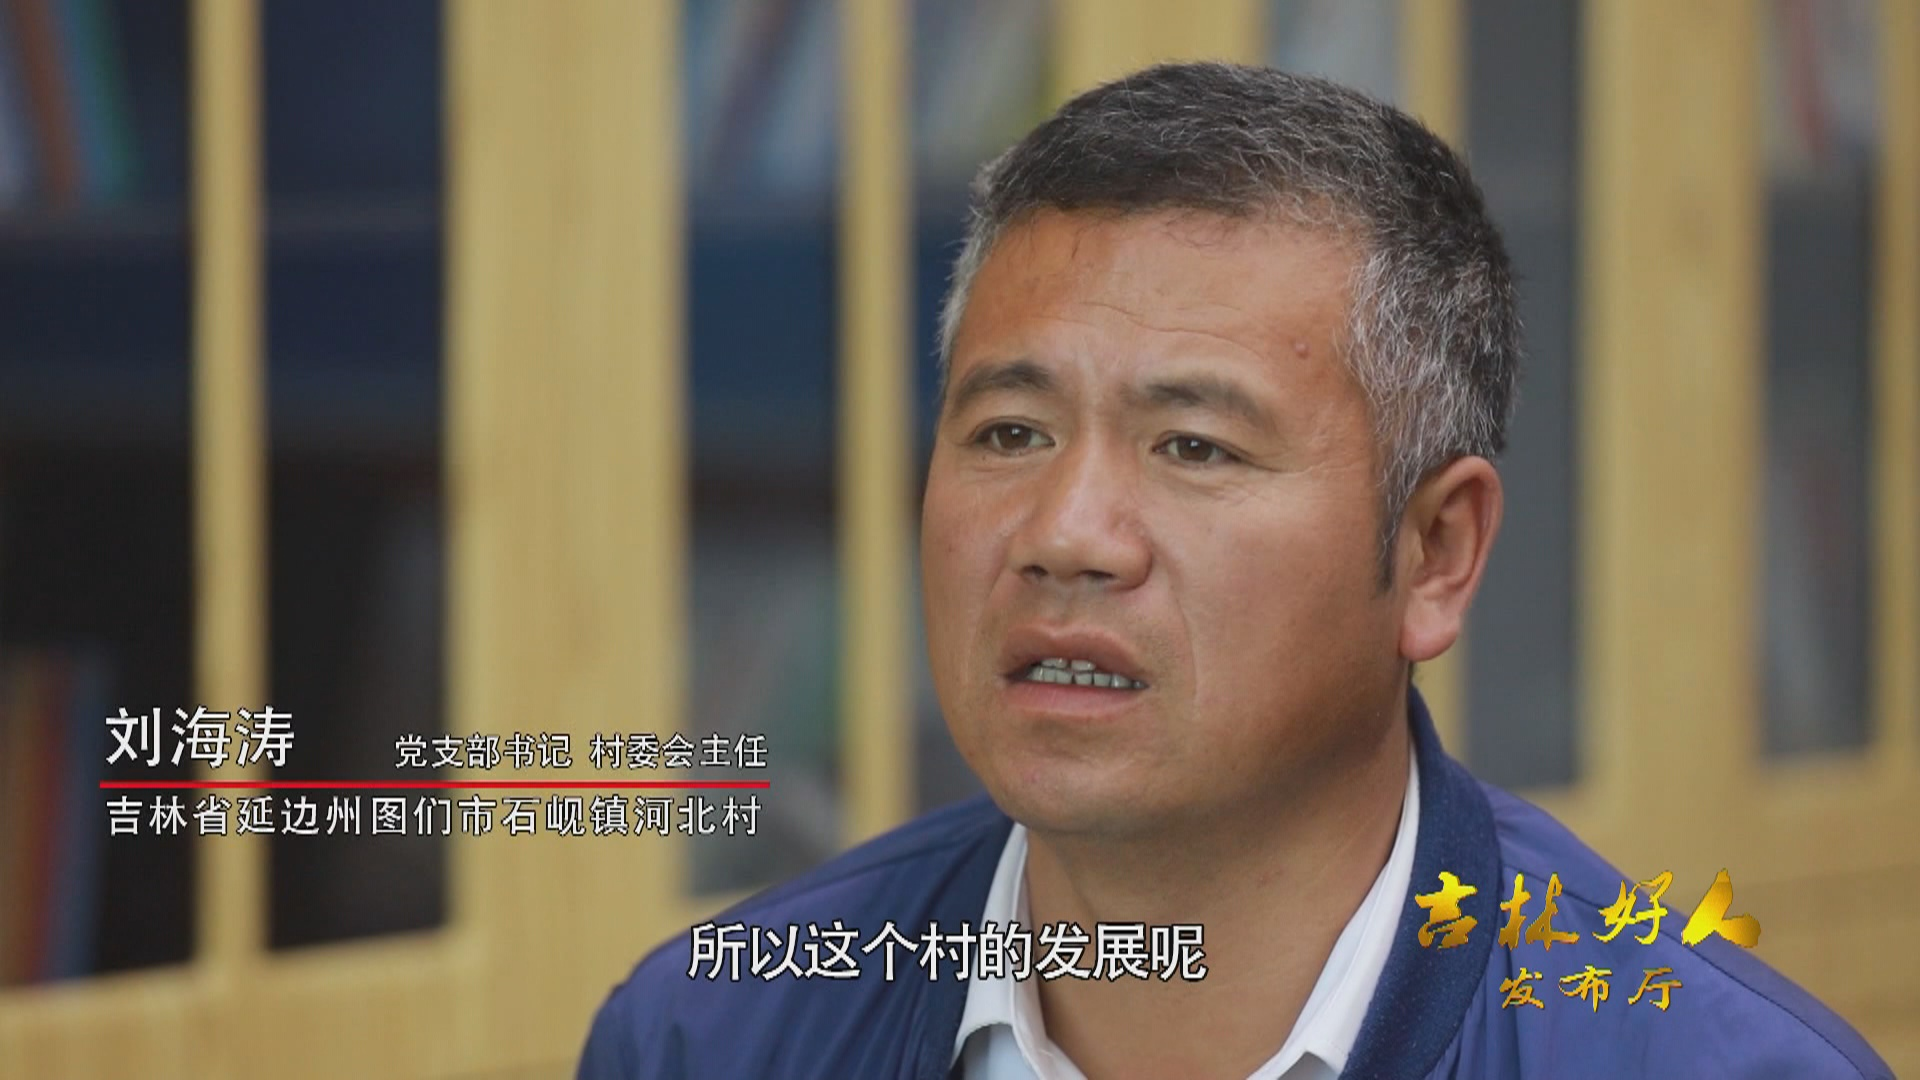 吉林好人之刘海涛